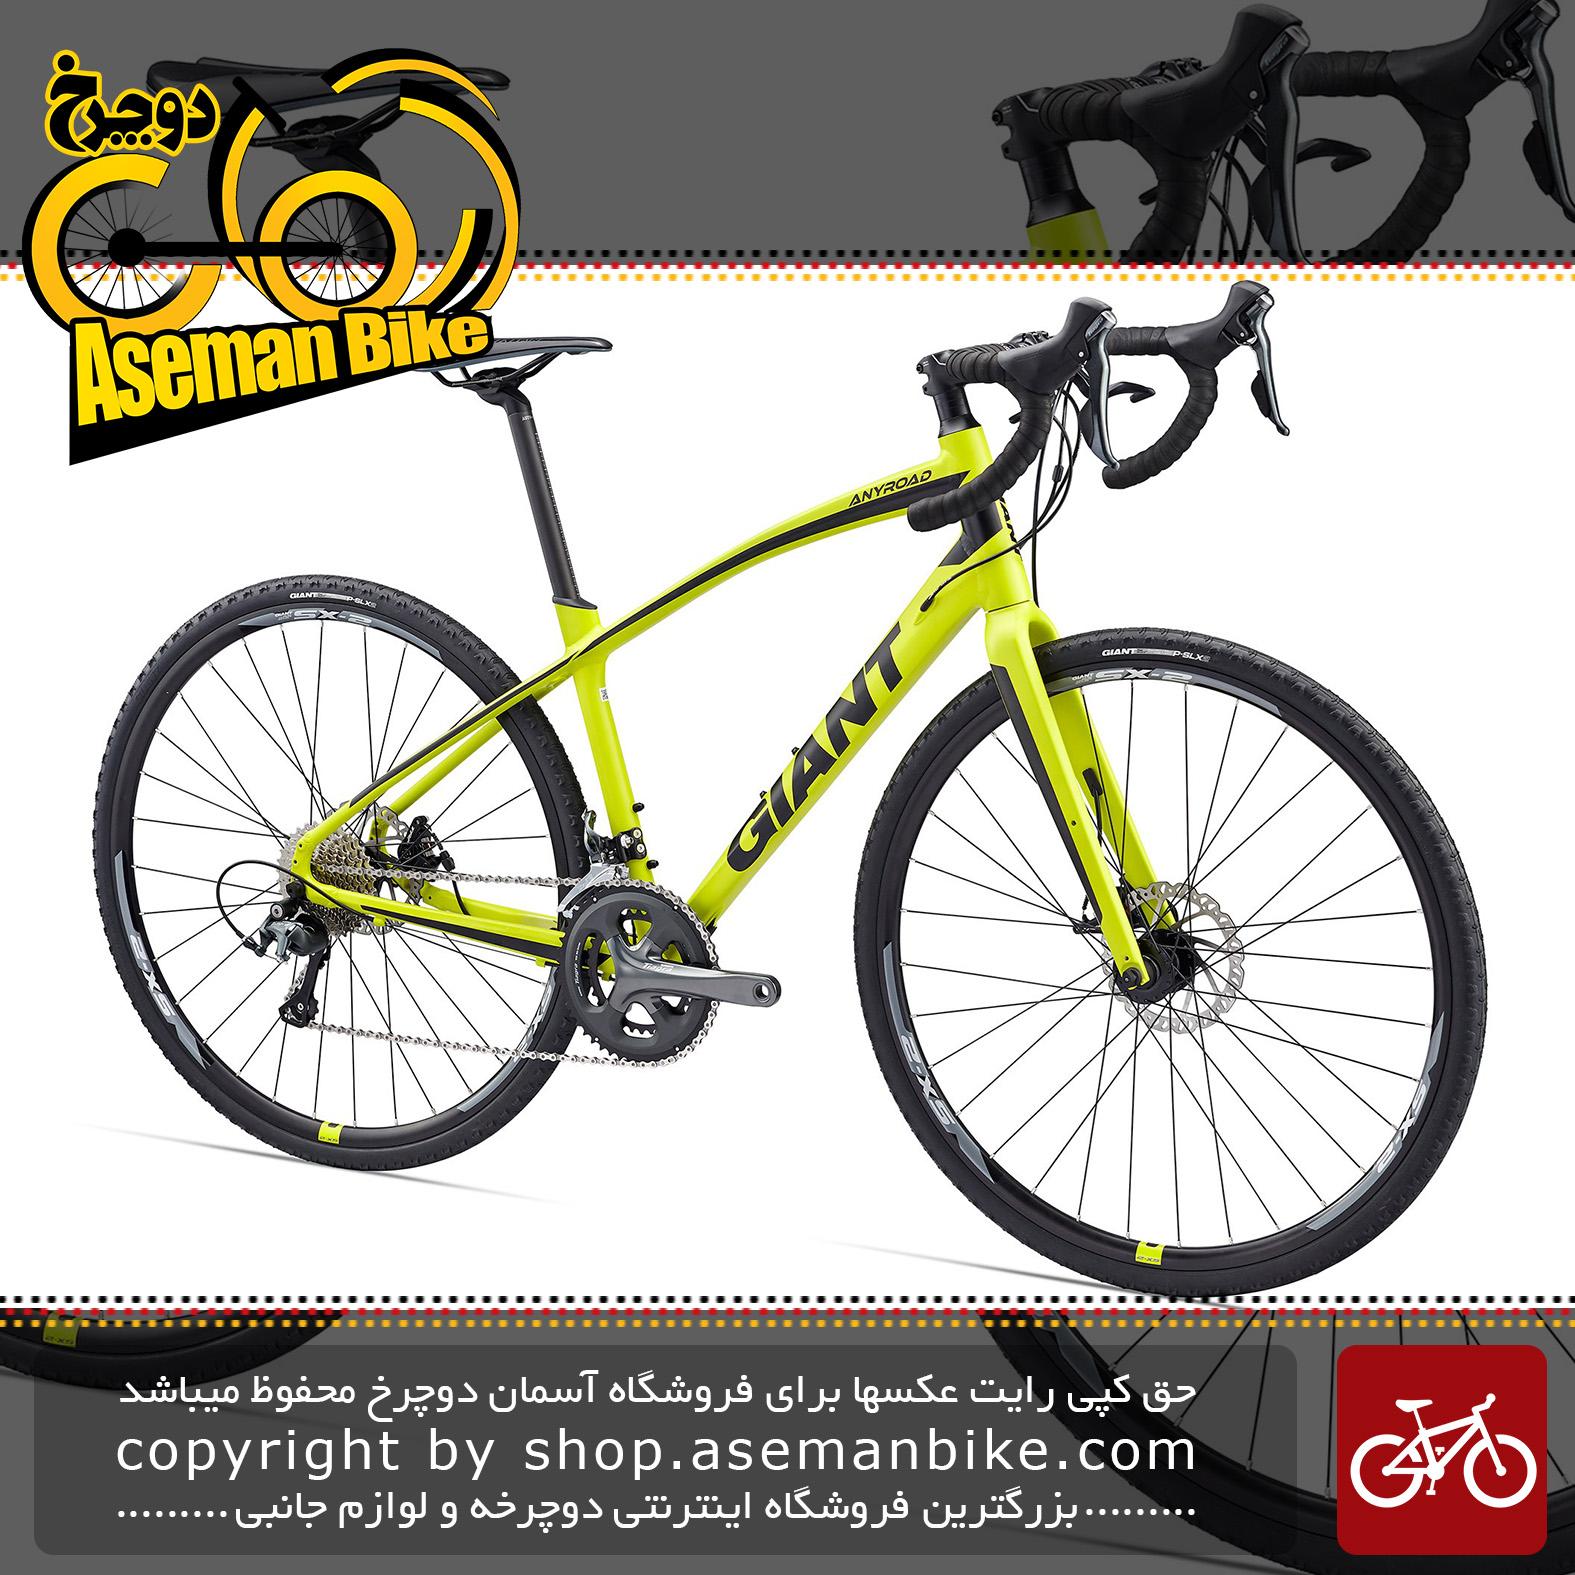 دوچرخه جاده جاینت انای رود 1 2017 Giant Bicycle on Road Adventure Anyroad 1 2017